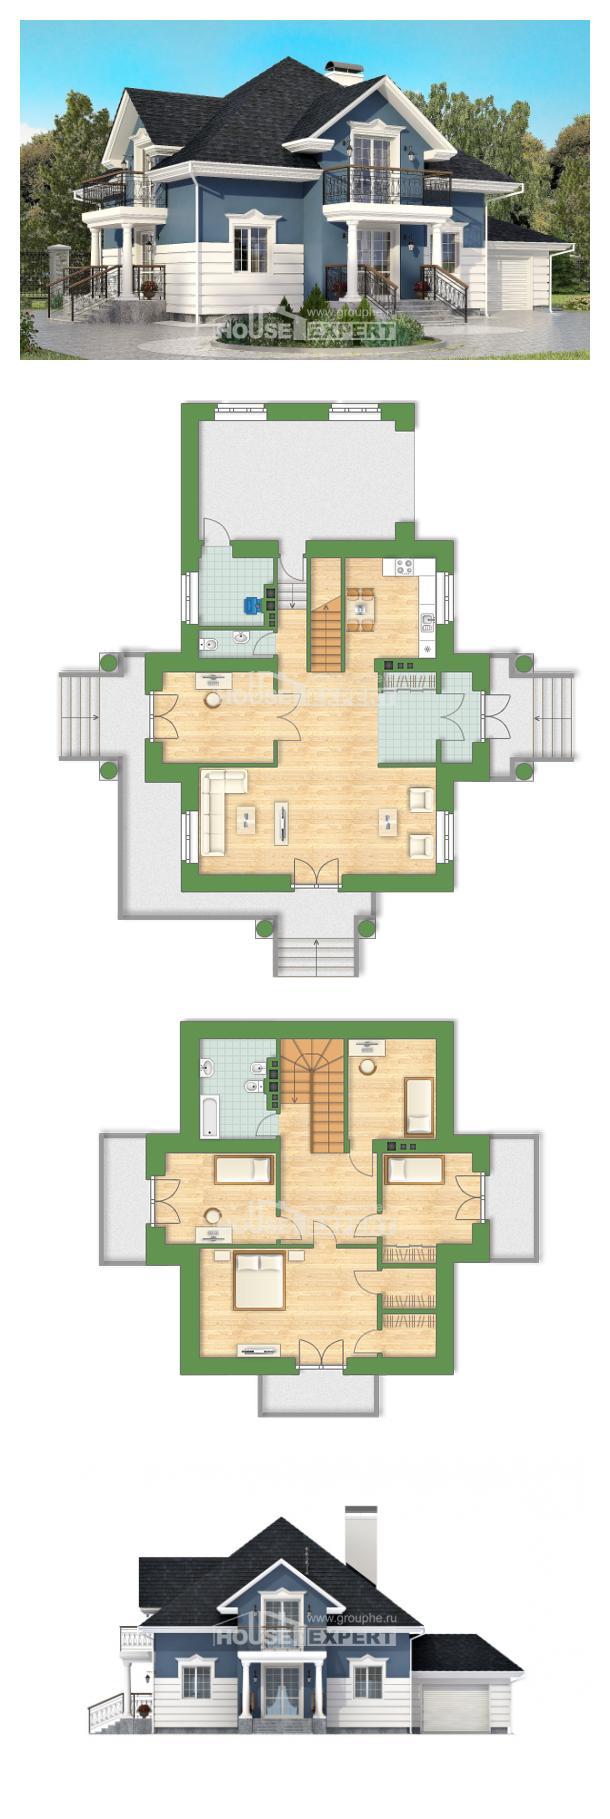 خطة البيت 180-002-R | House Expert